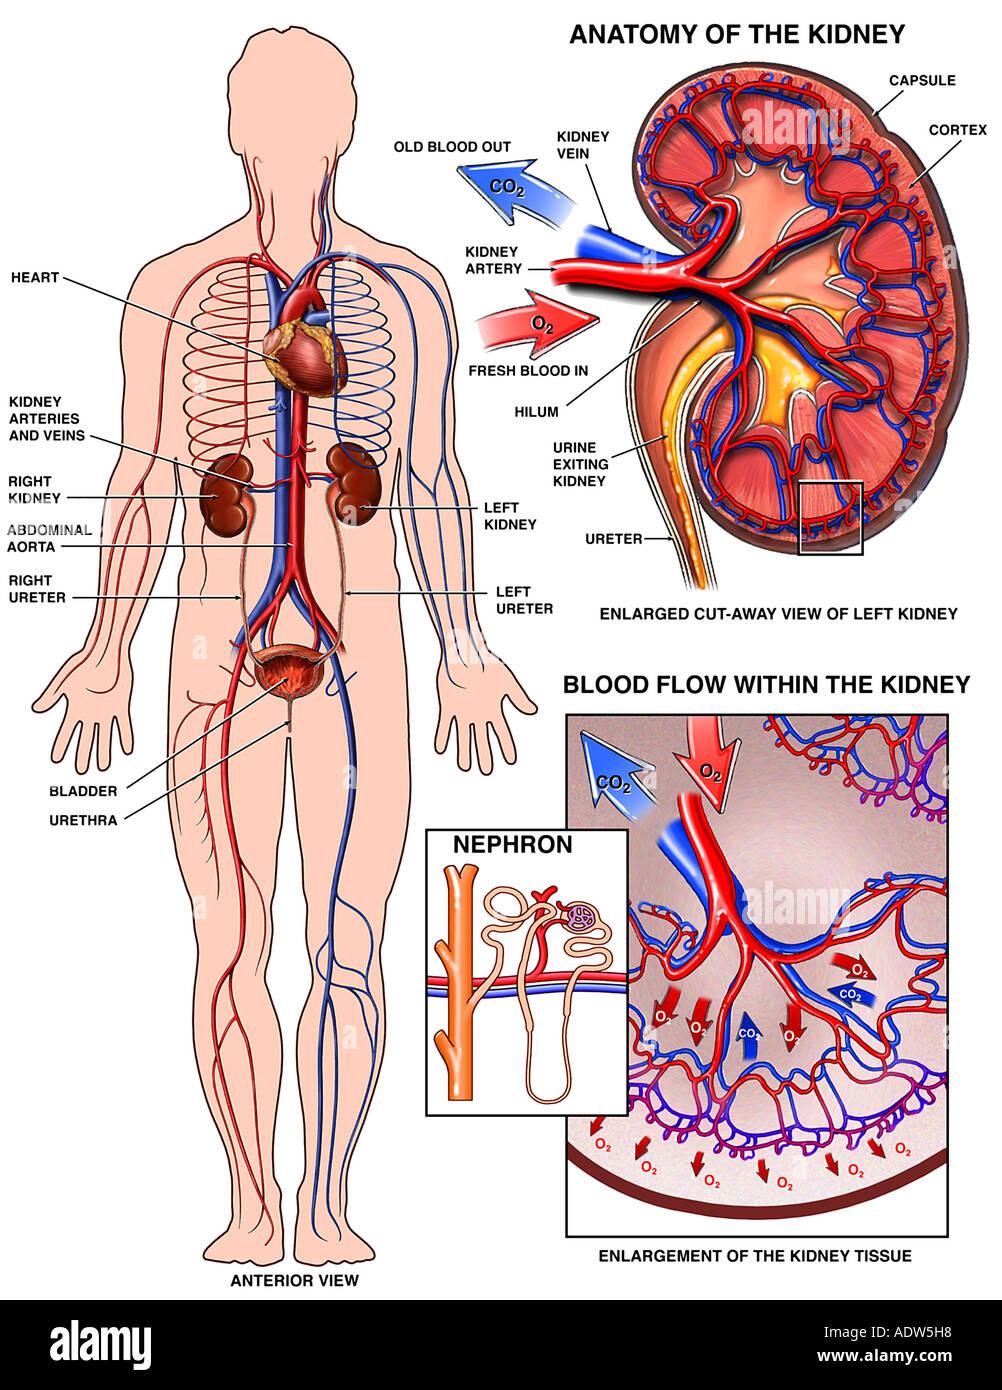 Anatomía fisiología renal nefrona vejiga Foto & Imagen De Stock ...